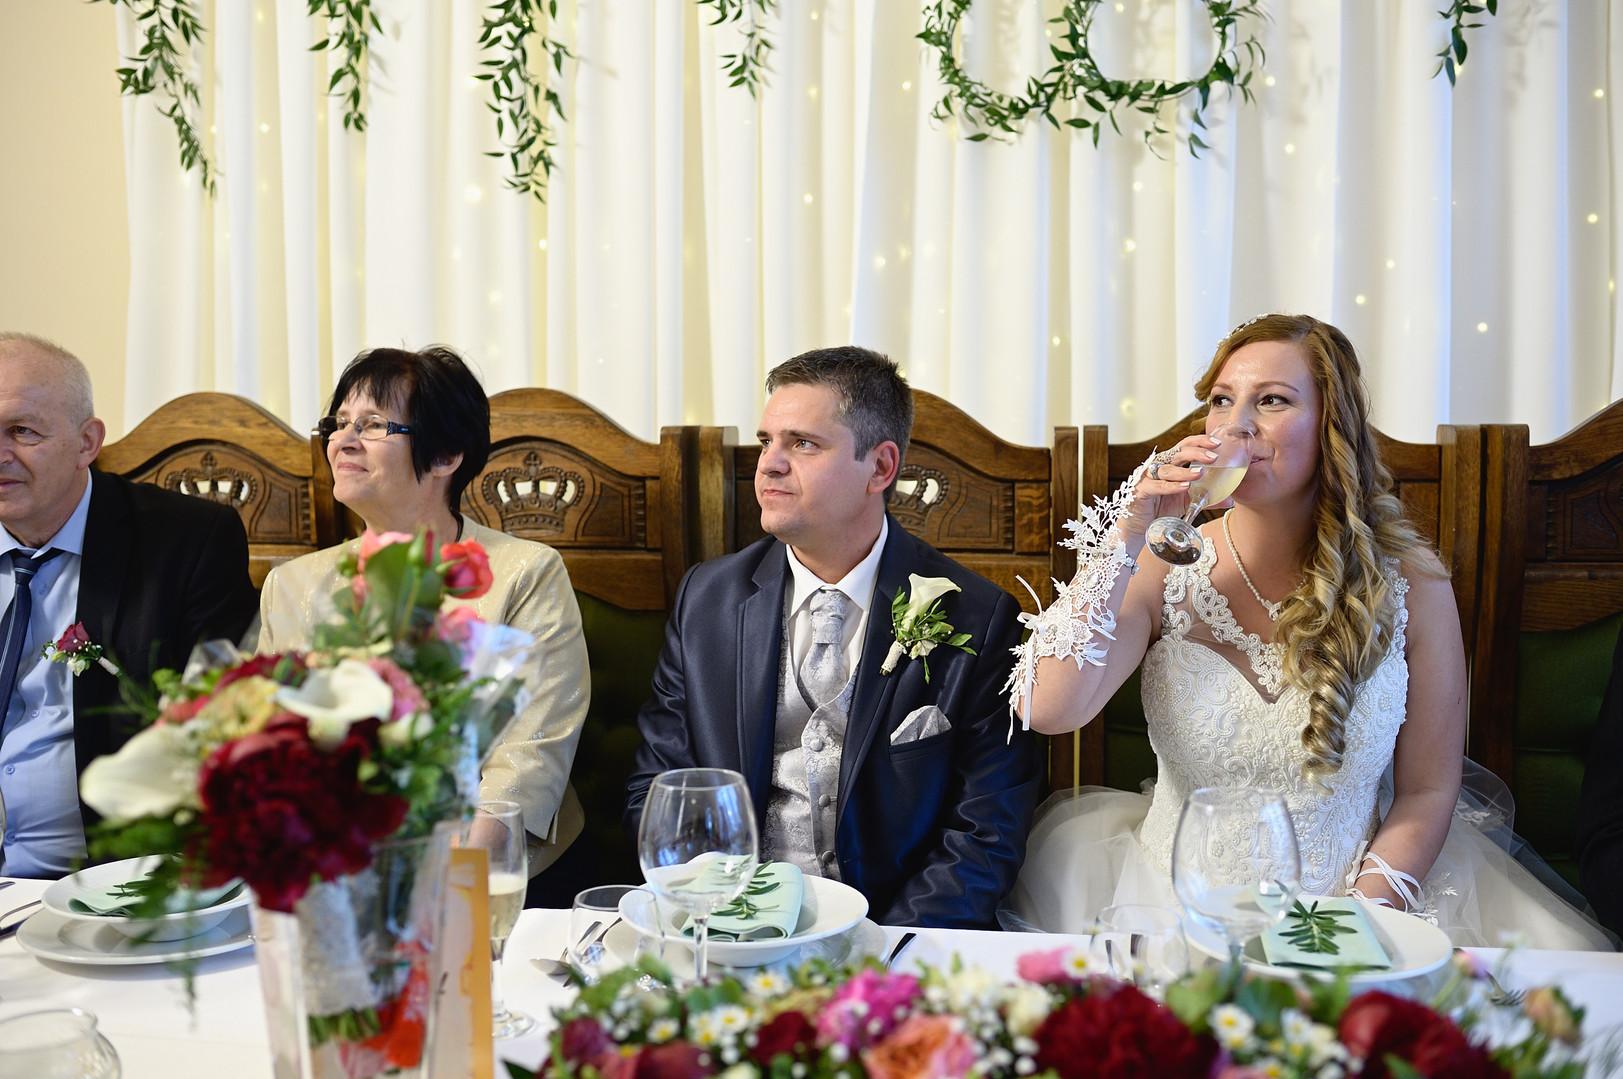 399  Esküvői fotózás - Enikő és Peti Bul